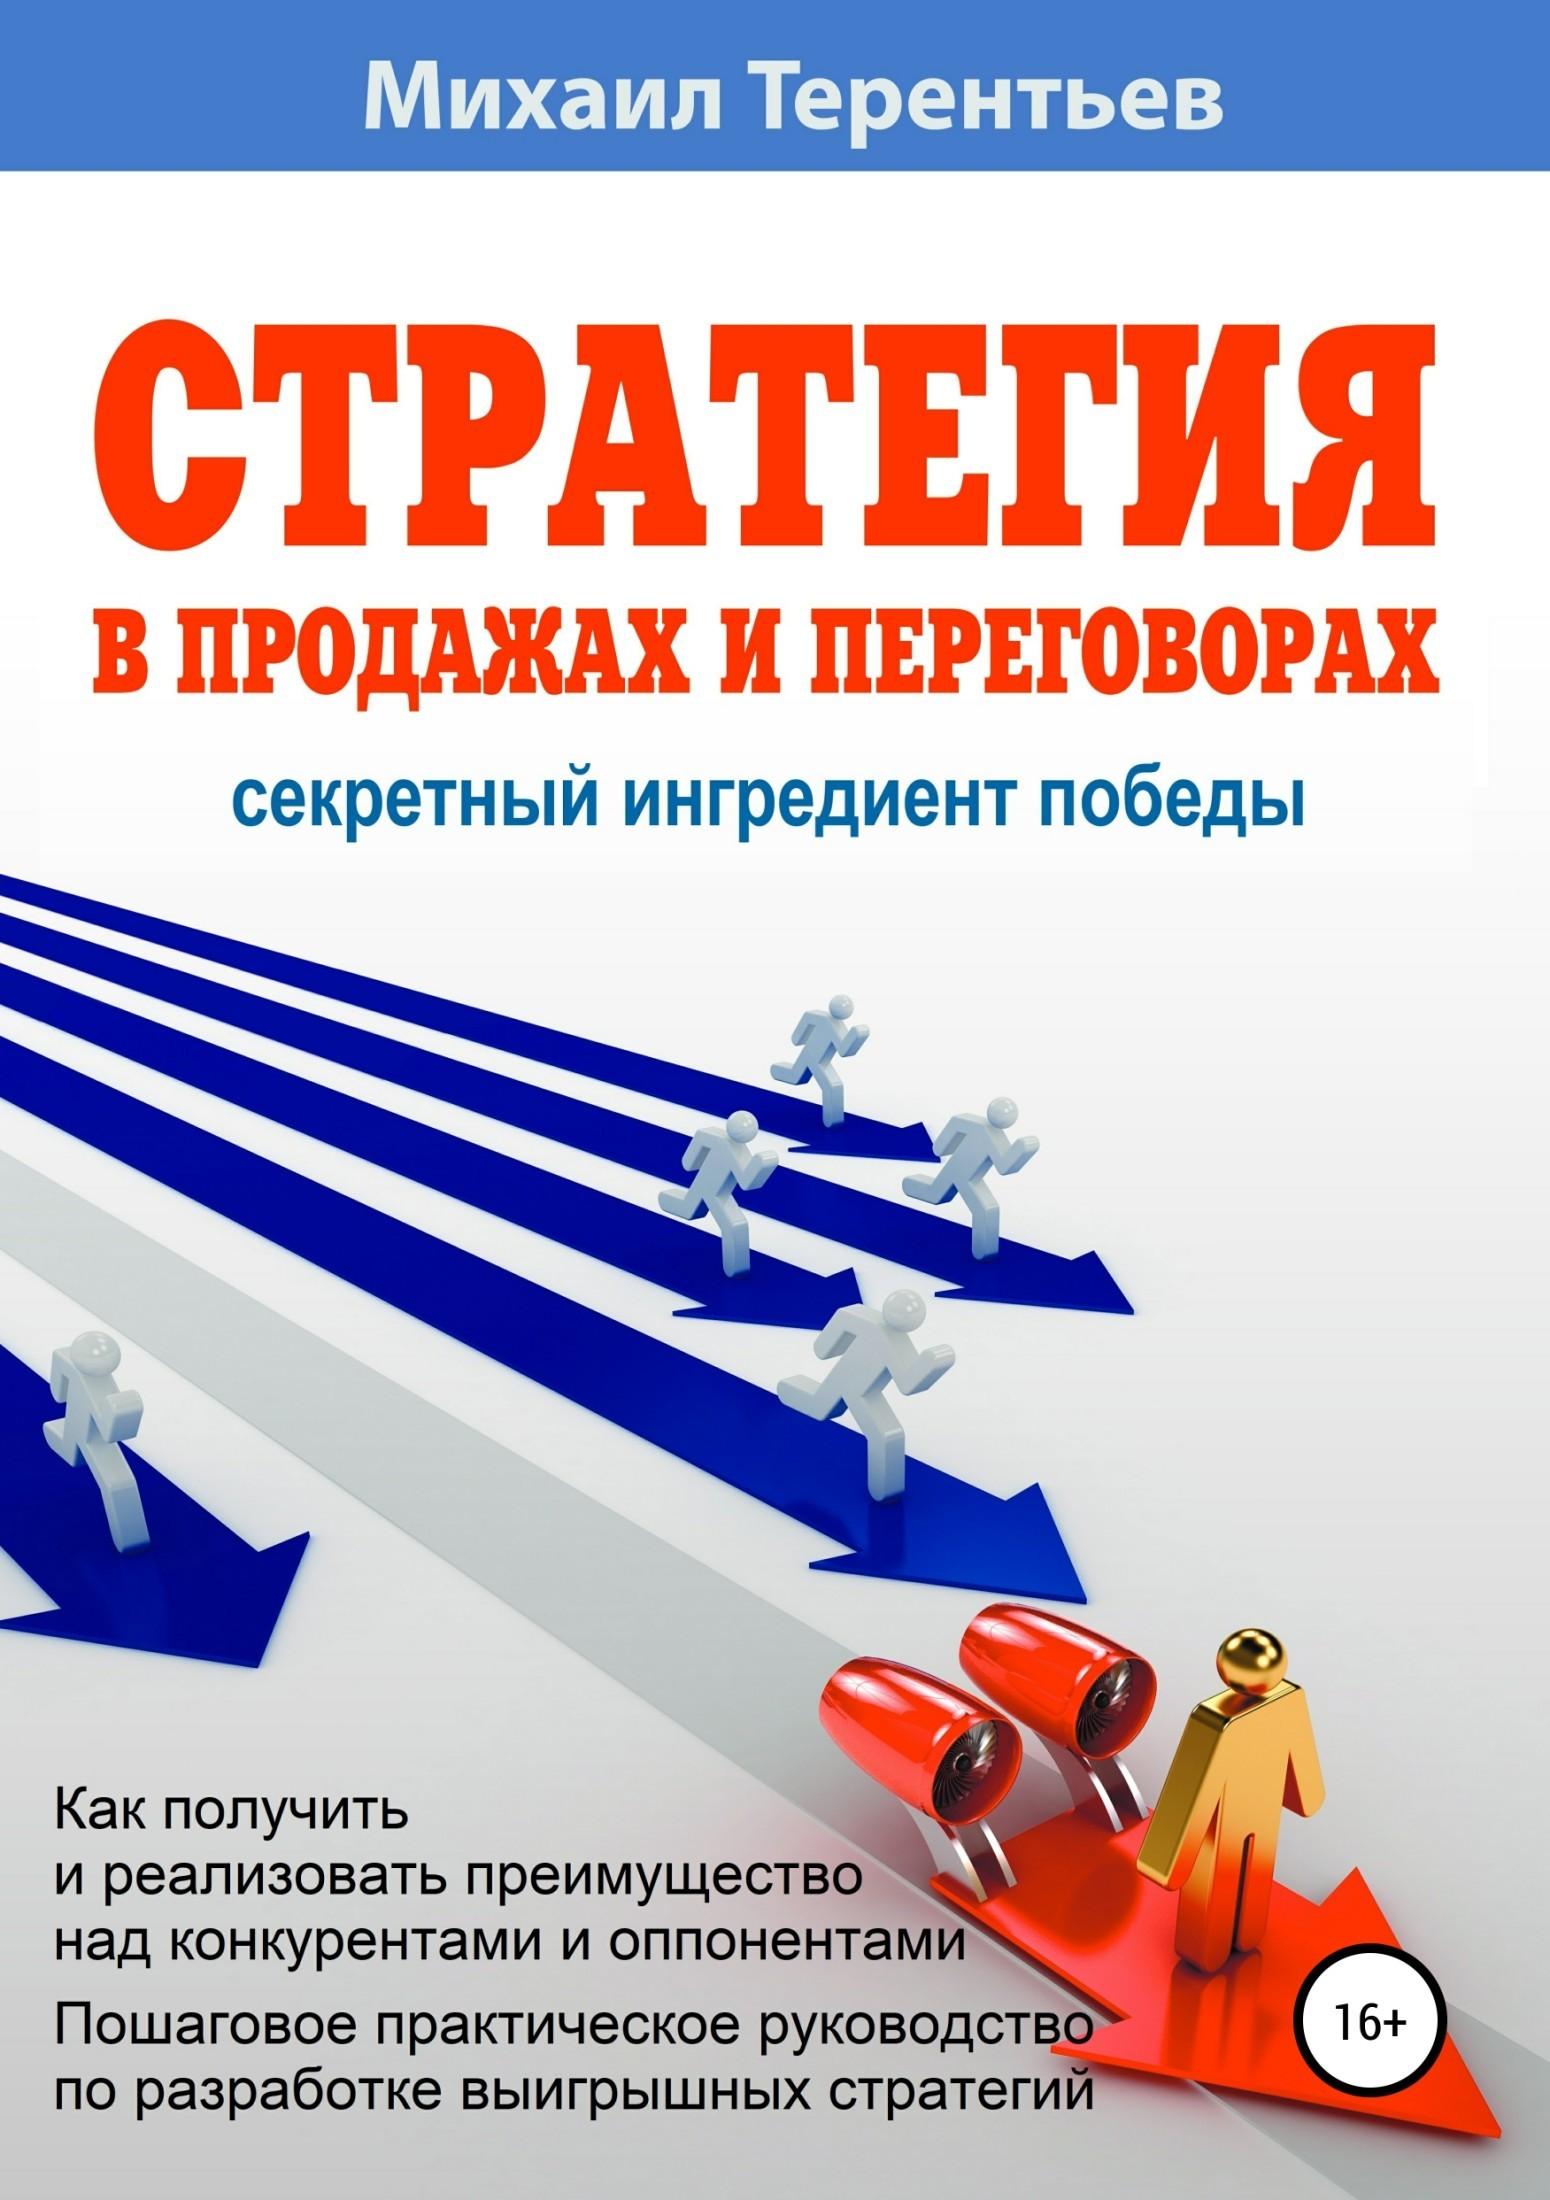 Обложка книги Стратегия в продажах и переговорах. Секретный ингредиент победы